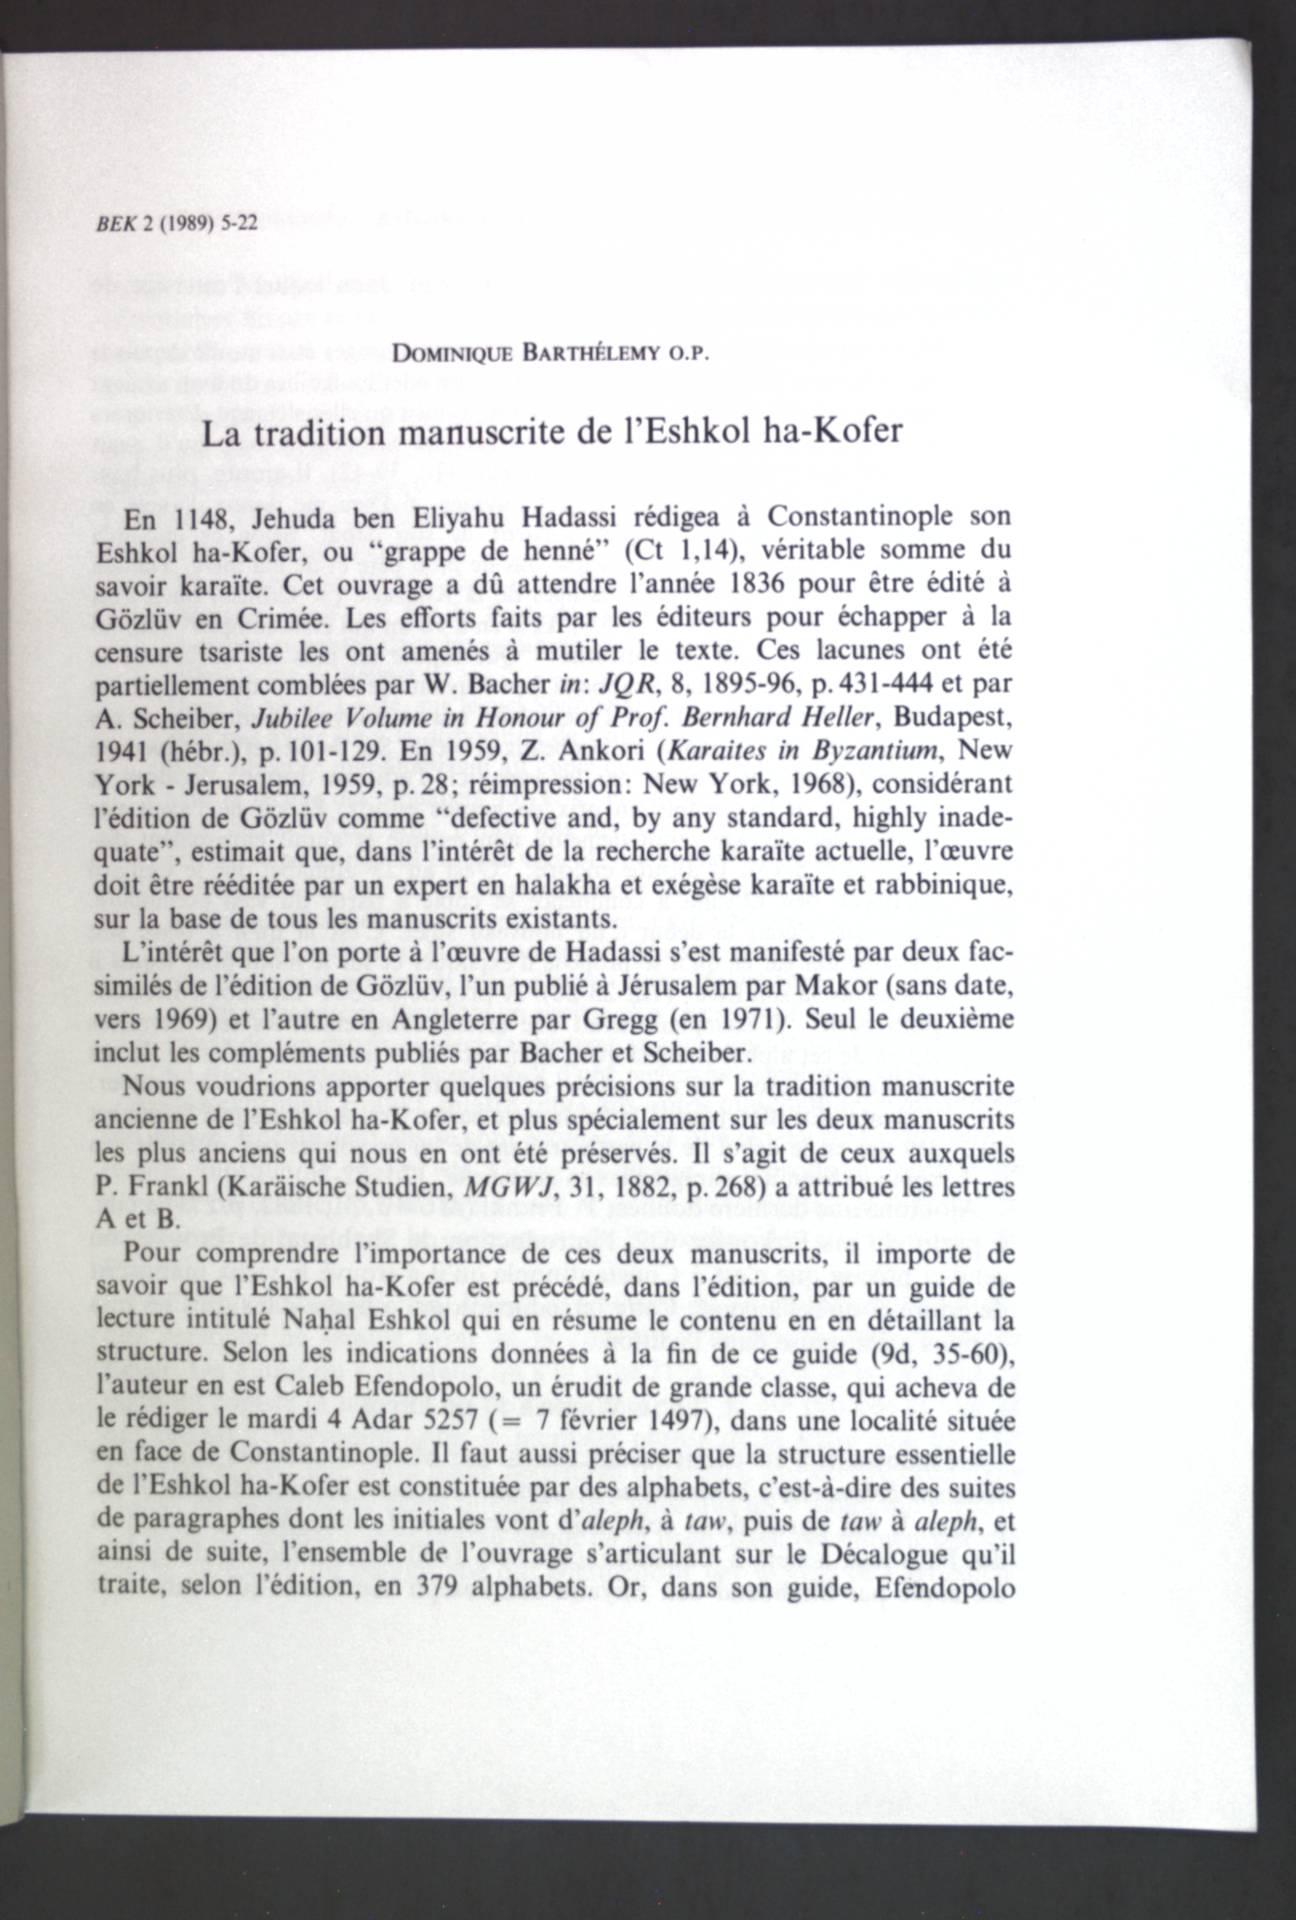 La tradition manuscrite de l'Eshkol ha-Kofer;: Barthelemy, Dominique: